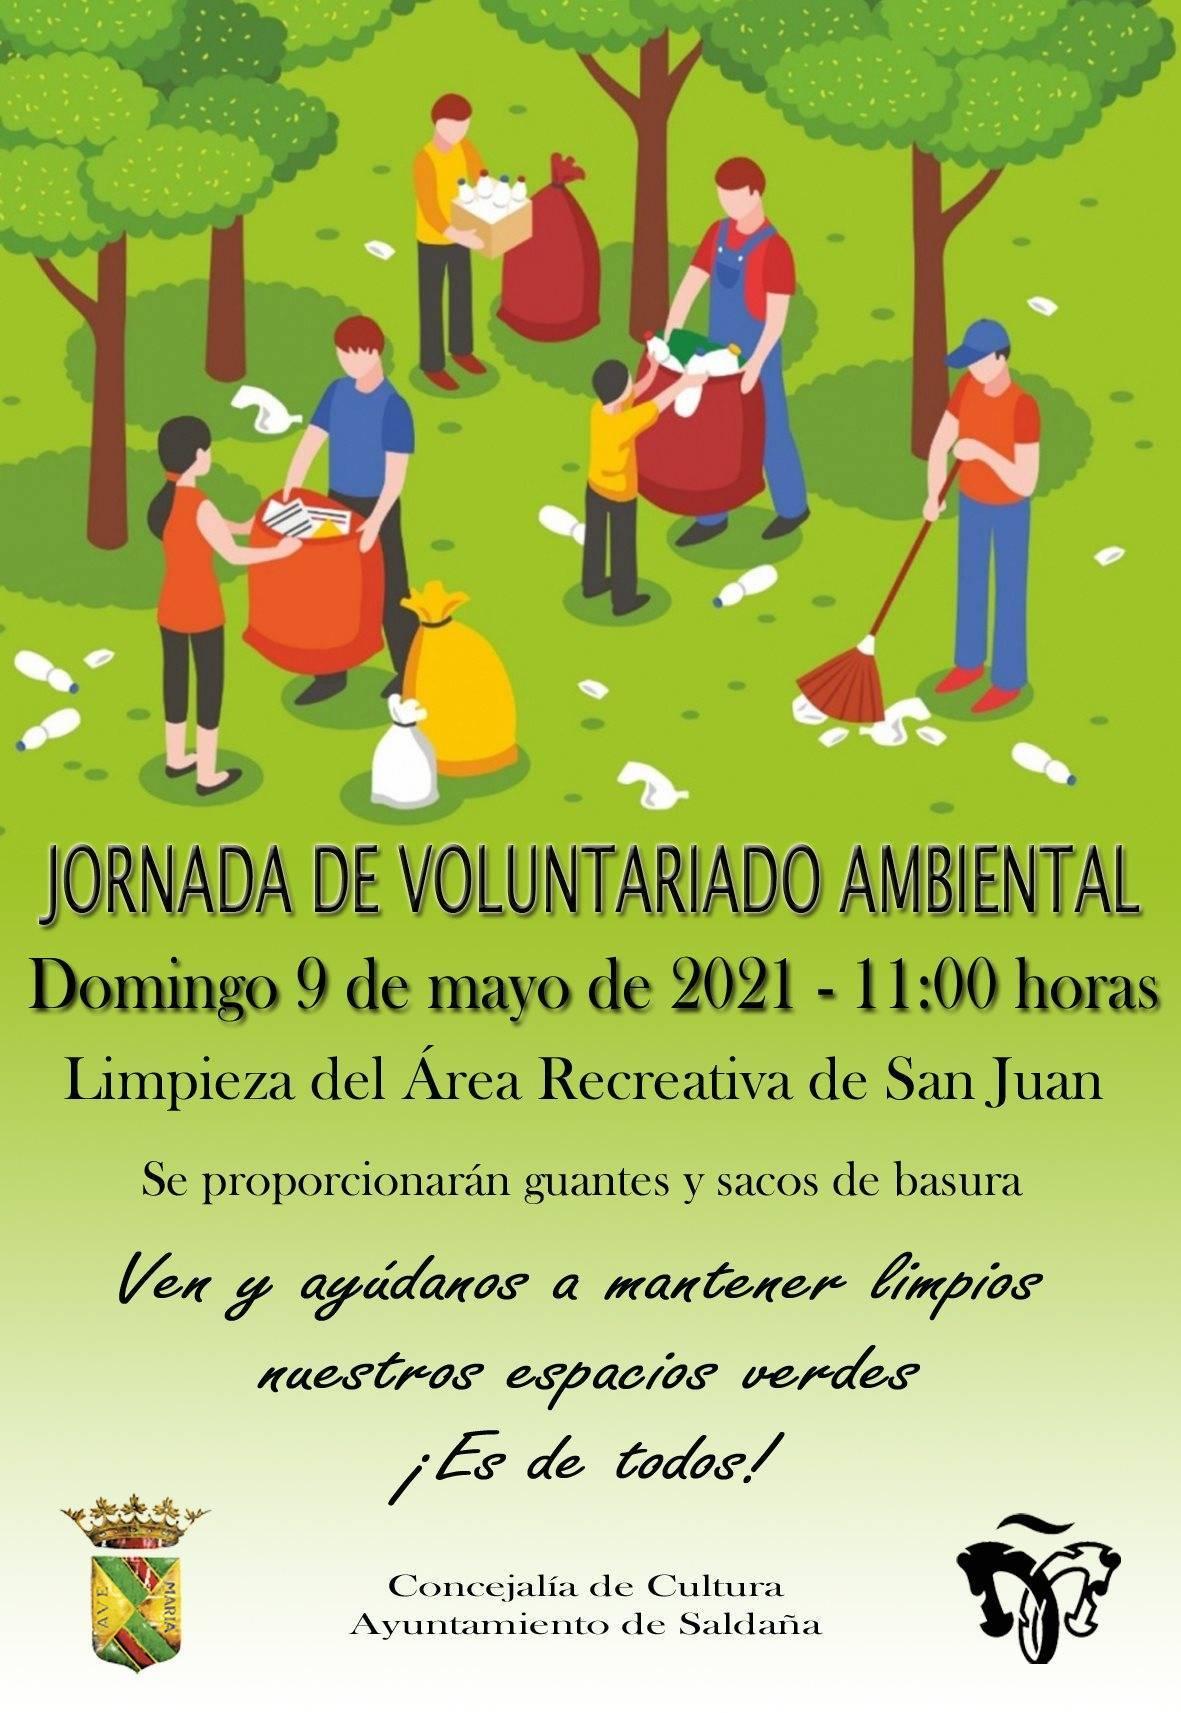 Jornada de voluntariado ambiental (mayo 2021) - Saldaña (Palencia)